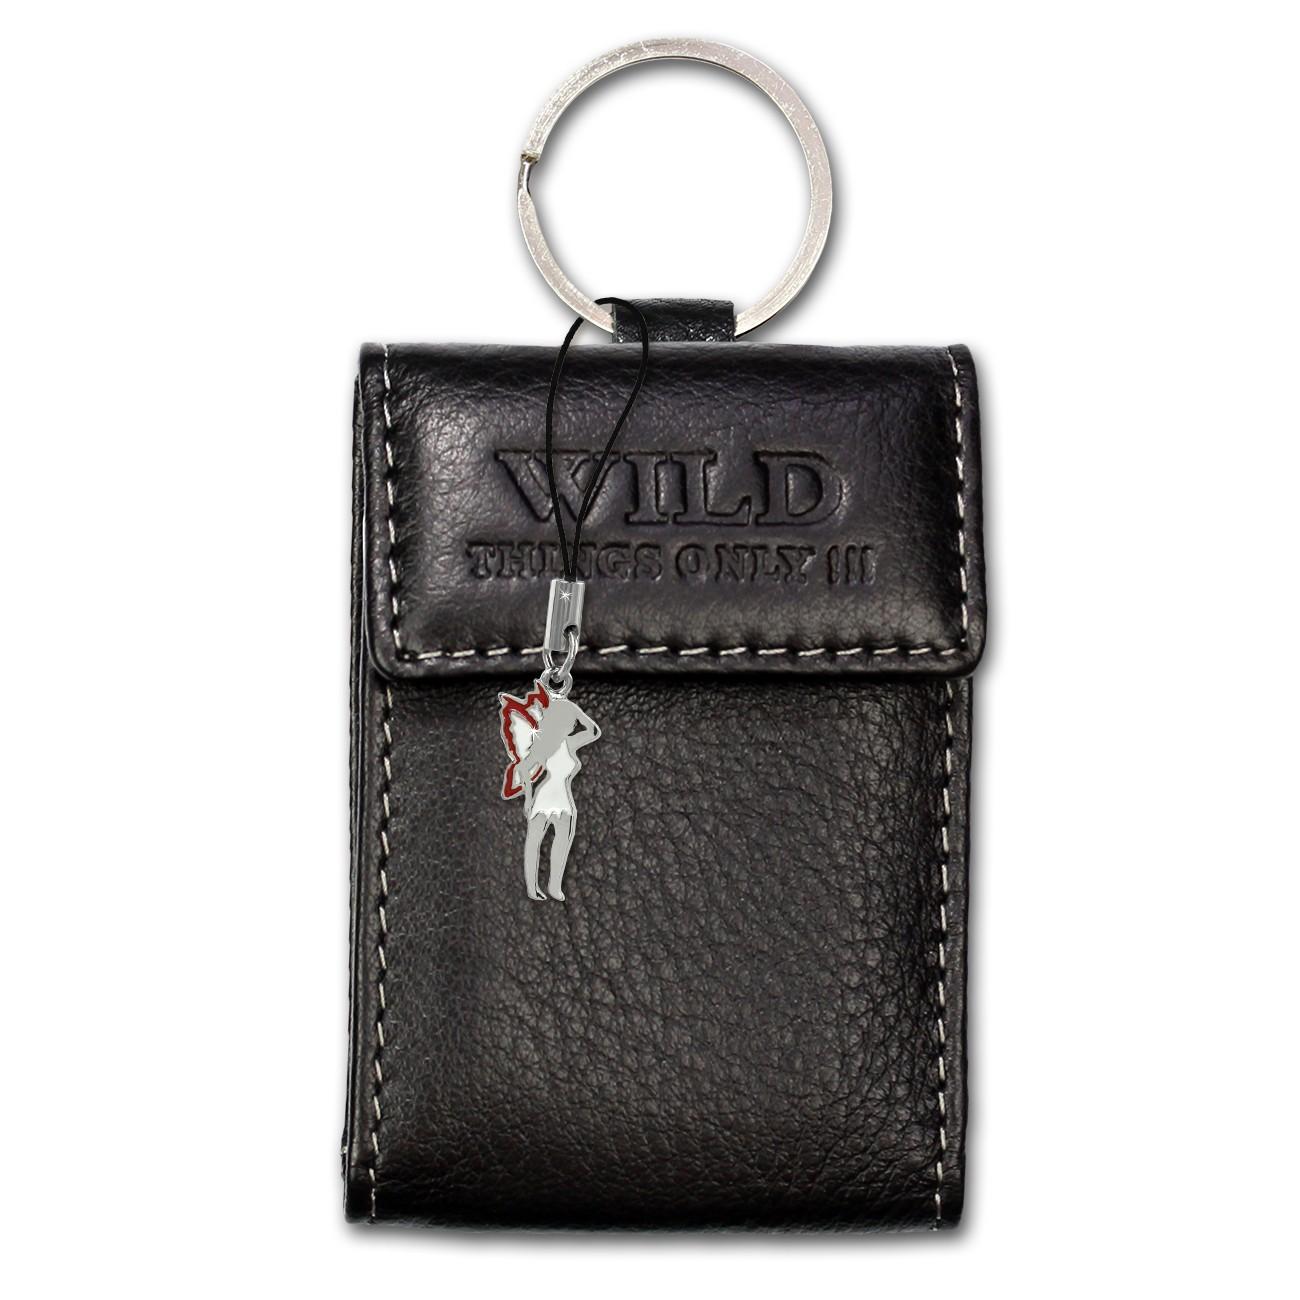 Etui, Geldbörse Leder schwarz Minibörse Schlüsseltasche WildThingsOnly OPJ904S